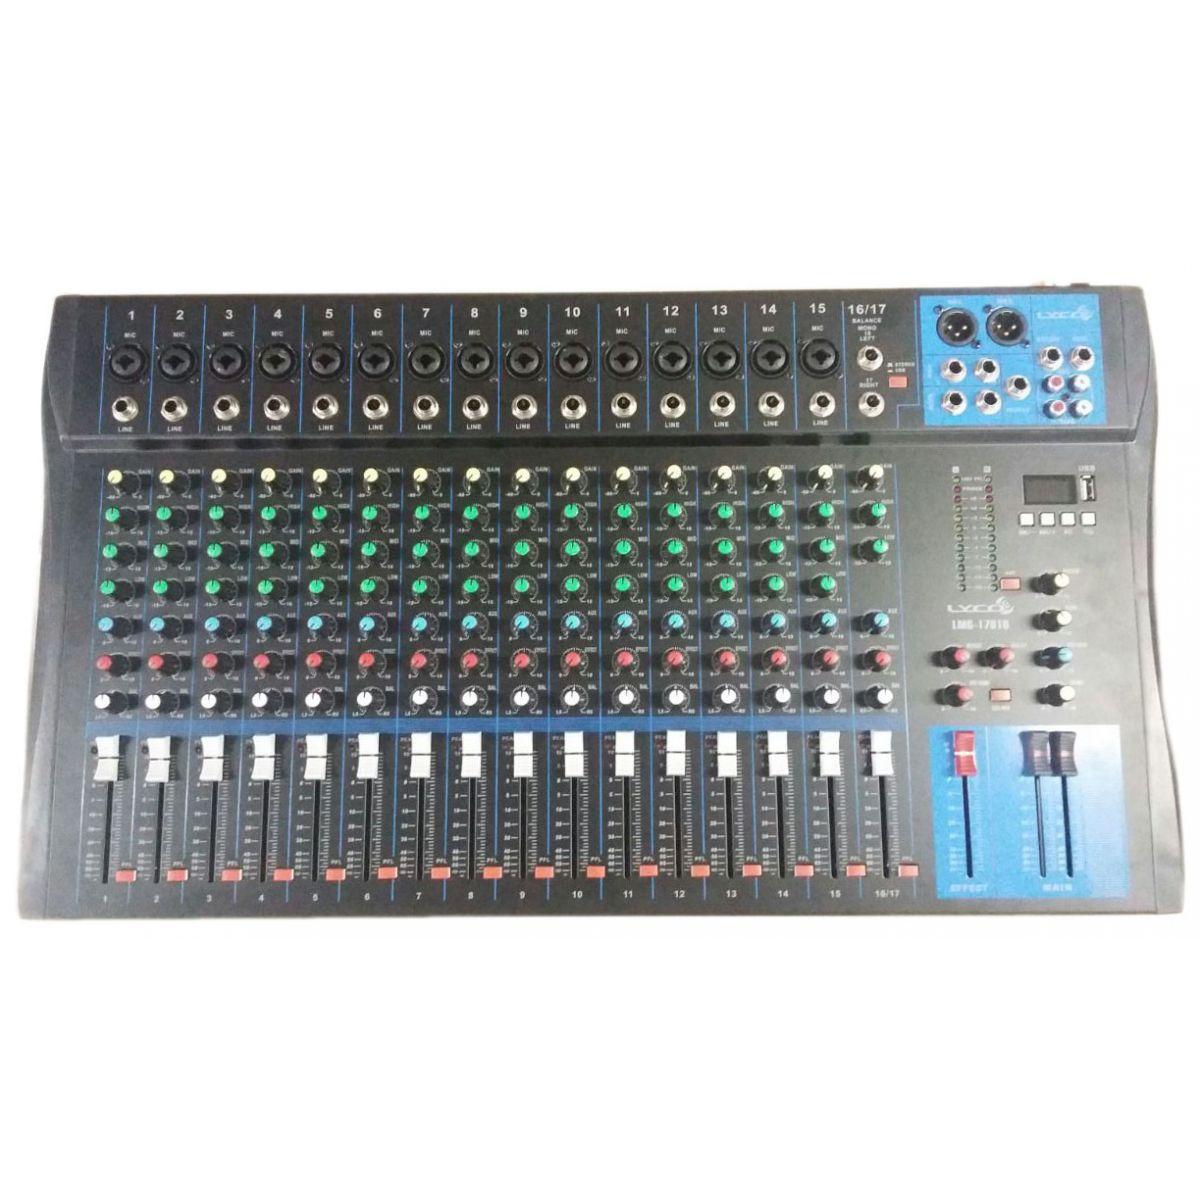 Mesa 17 Canais lyco LMG1701U Usb.15 Canais XLR/TRS, 2 Canais P10,C/Efeito Repeat/Delay, Phanto Power